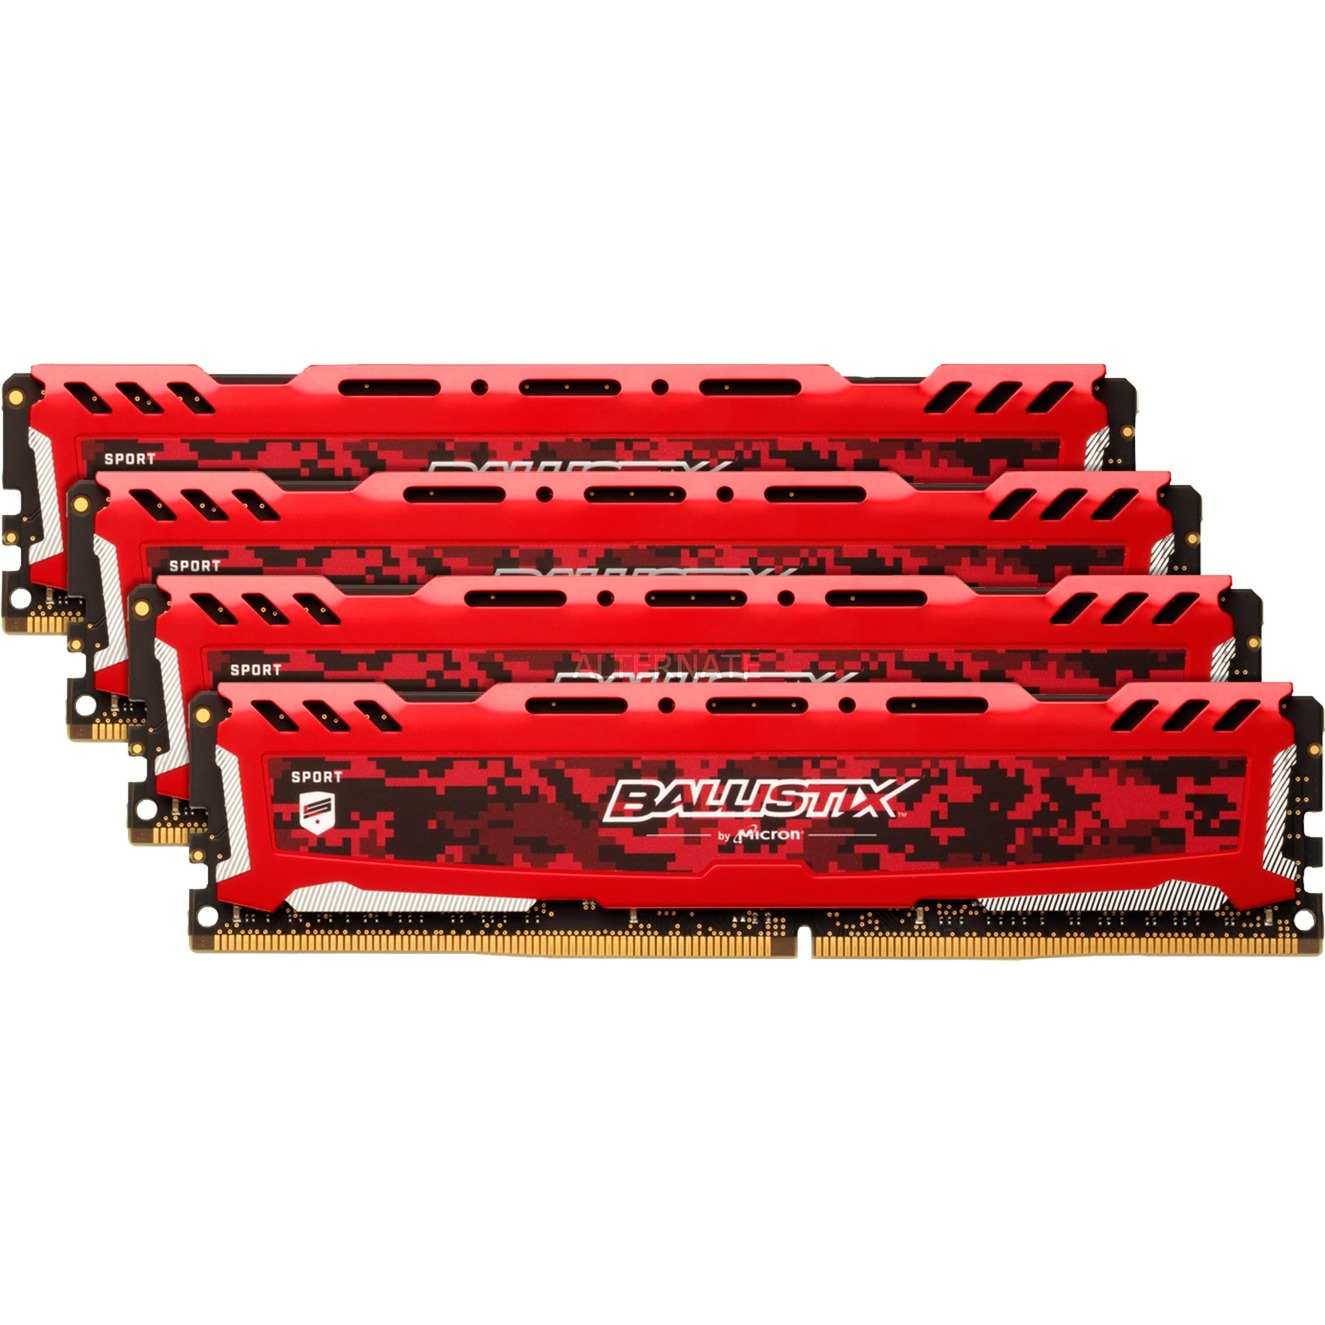 Ballistix Sport LT Red 16GB DDR4-2666 16Go DDR4 2666MHz module de mémoire